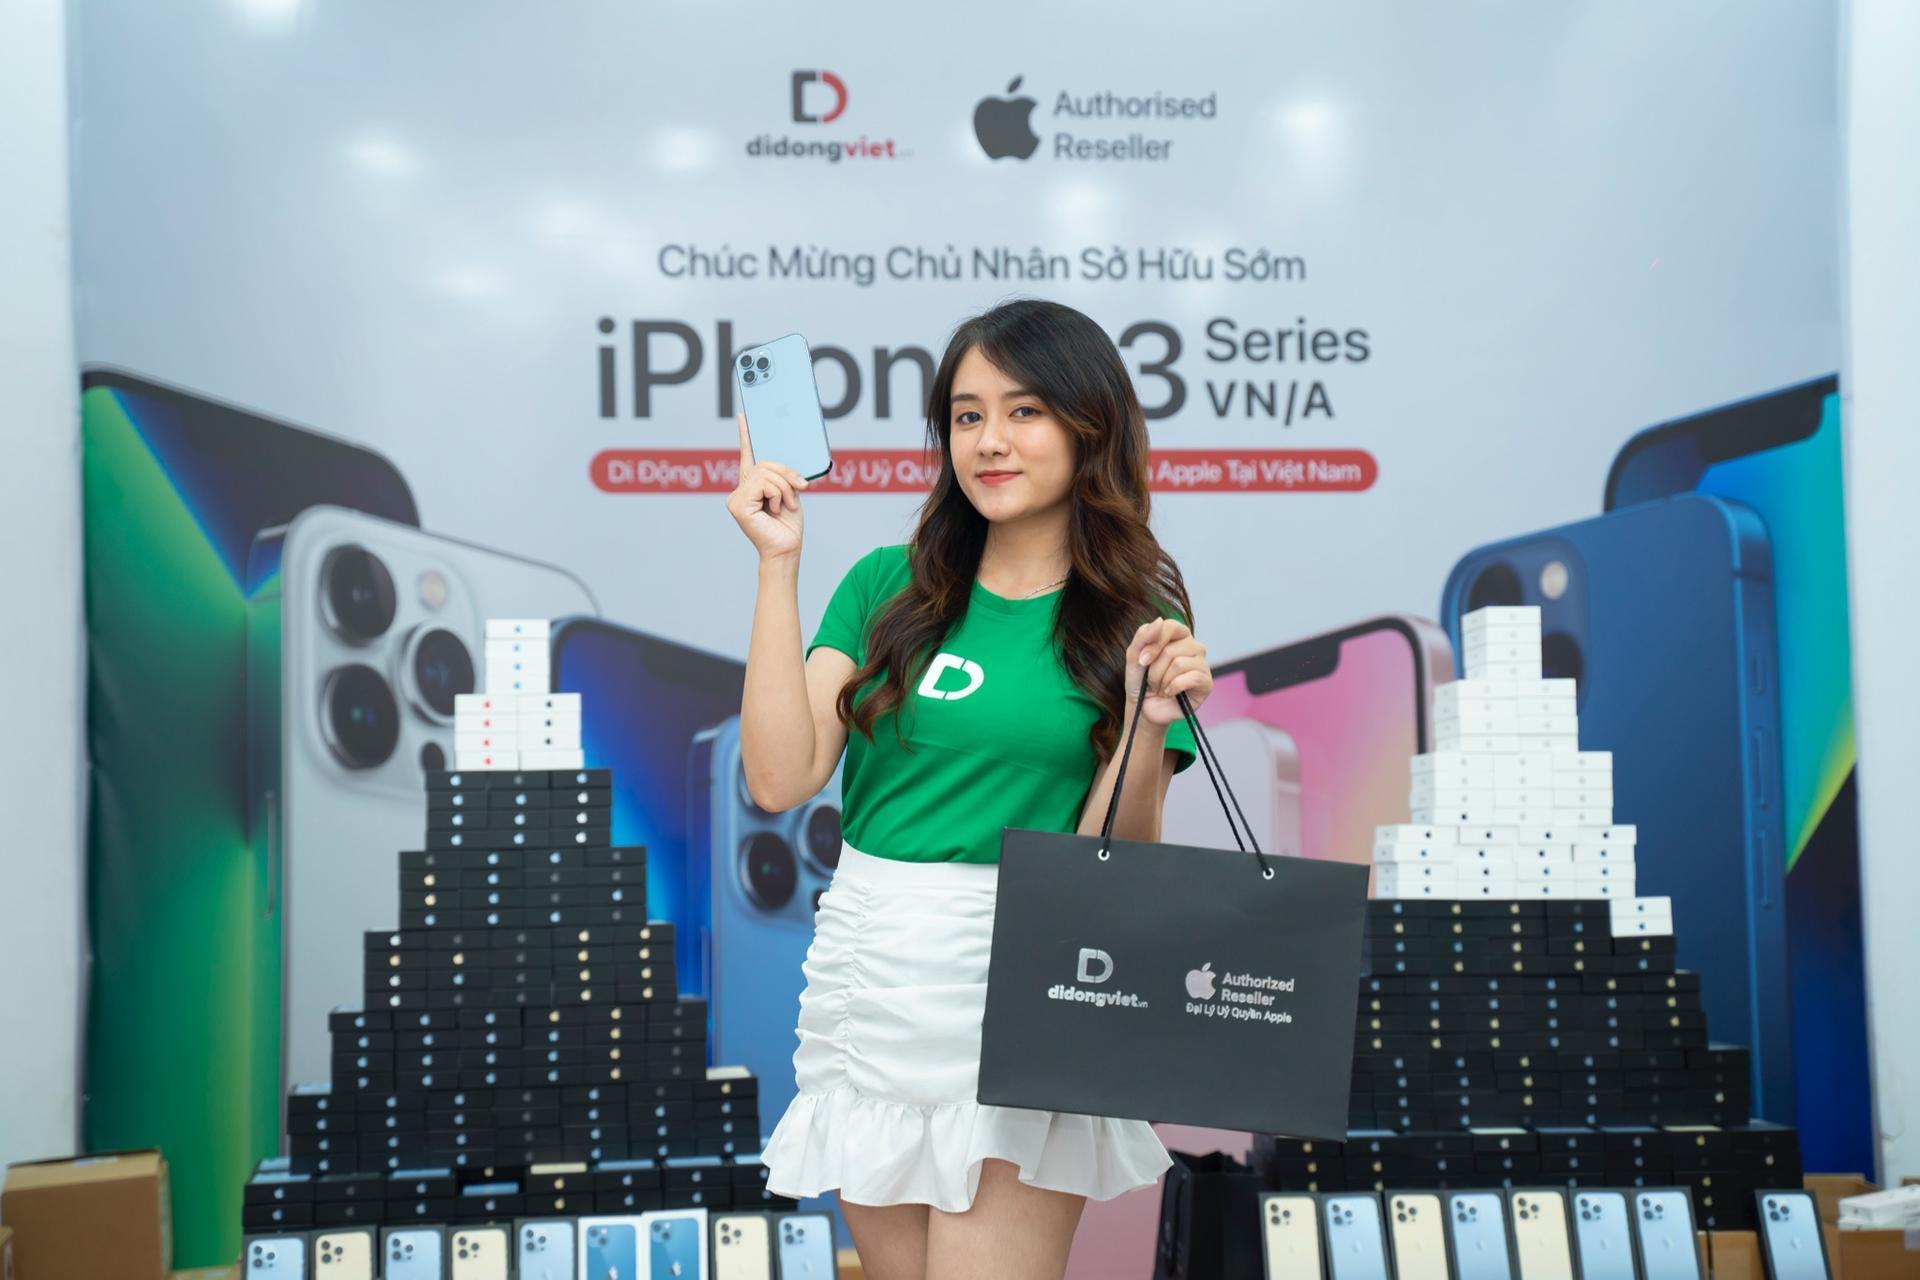 Di Động Việt đã chuẩn bị iPhone 13 series VN/A cho đêm mở bán 22.10